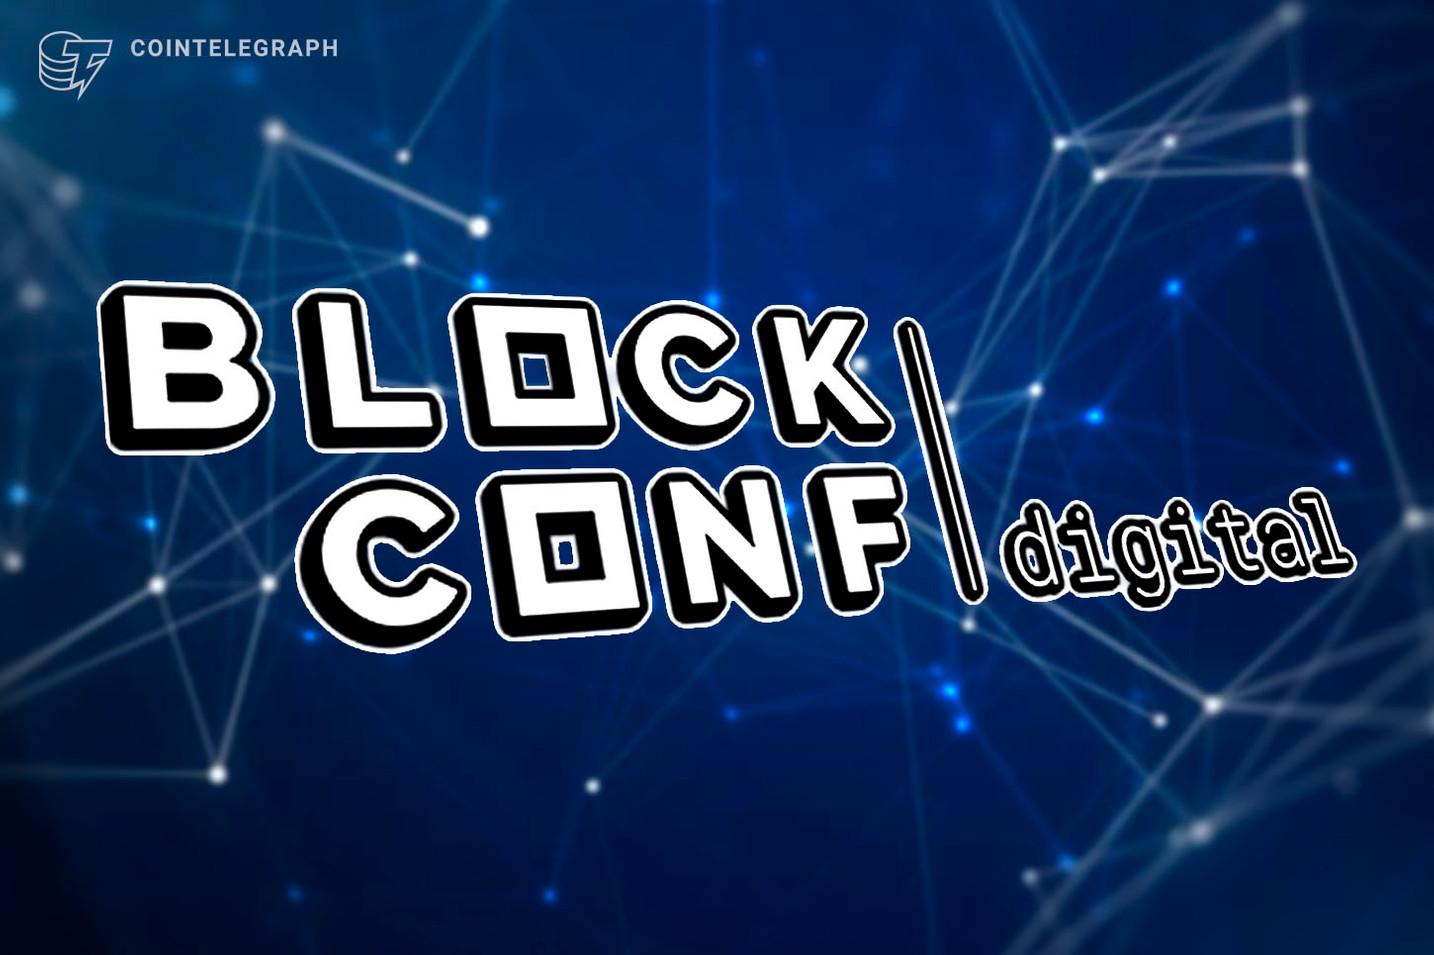 BlockConf DIGITAL interrumpe la cuarentena con una conferencia online de 48 horas